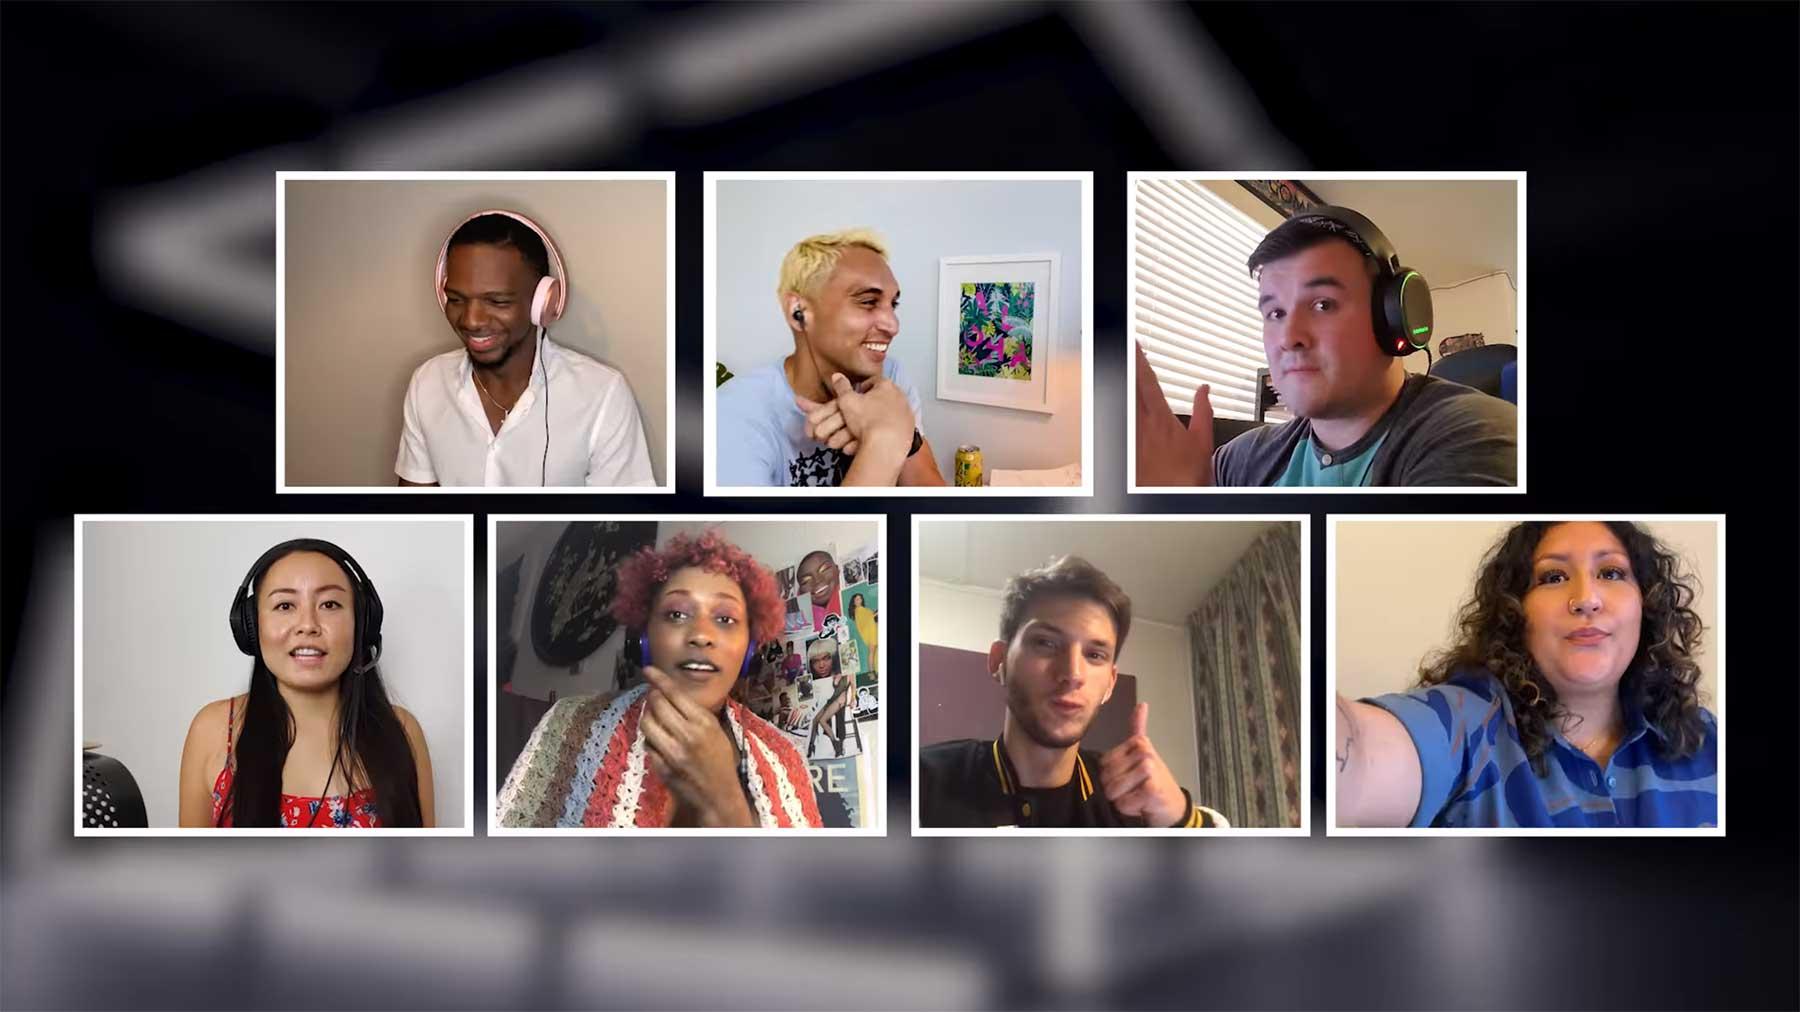 Wer dieser 7 Amerikaner*innen ist gar keine/r?